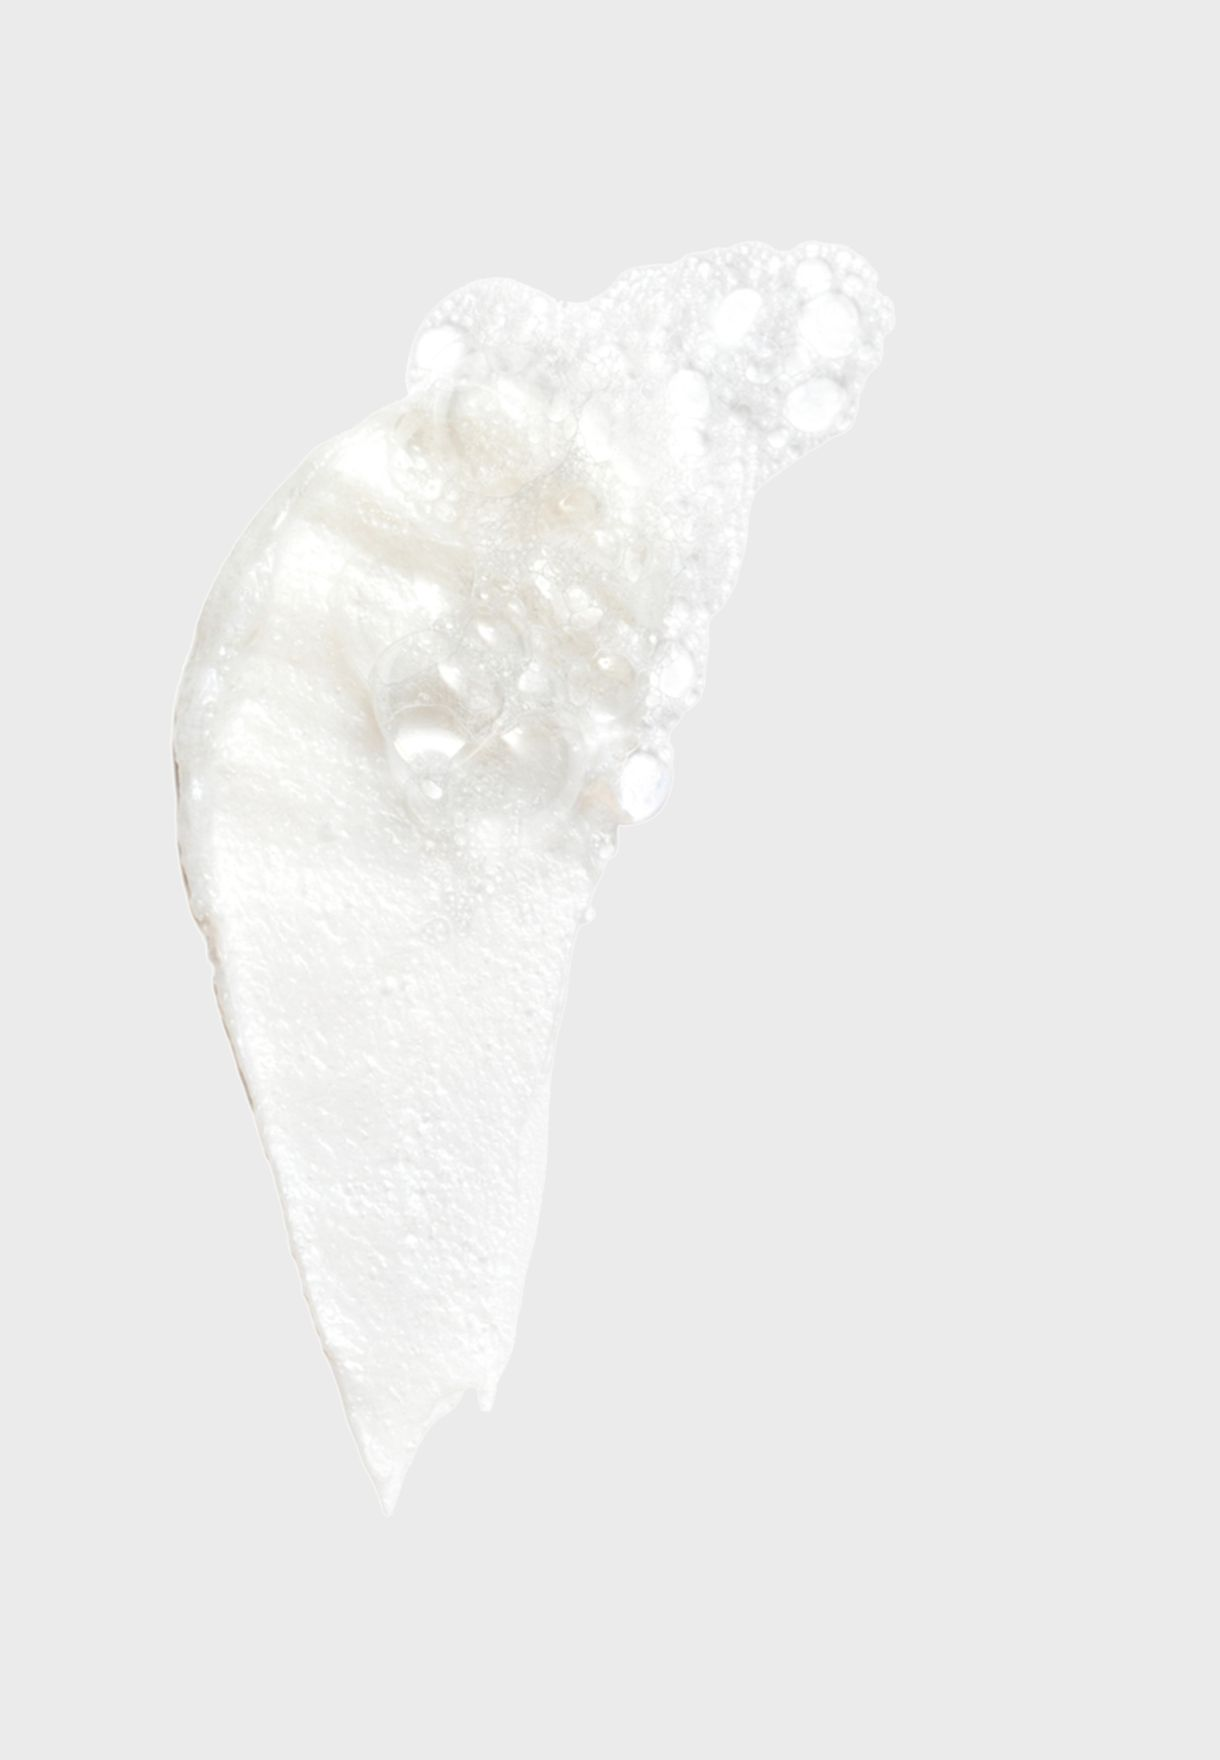 كريم ديفاين الرغوي لتنظيف البشرة - 125 مل